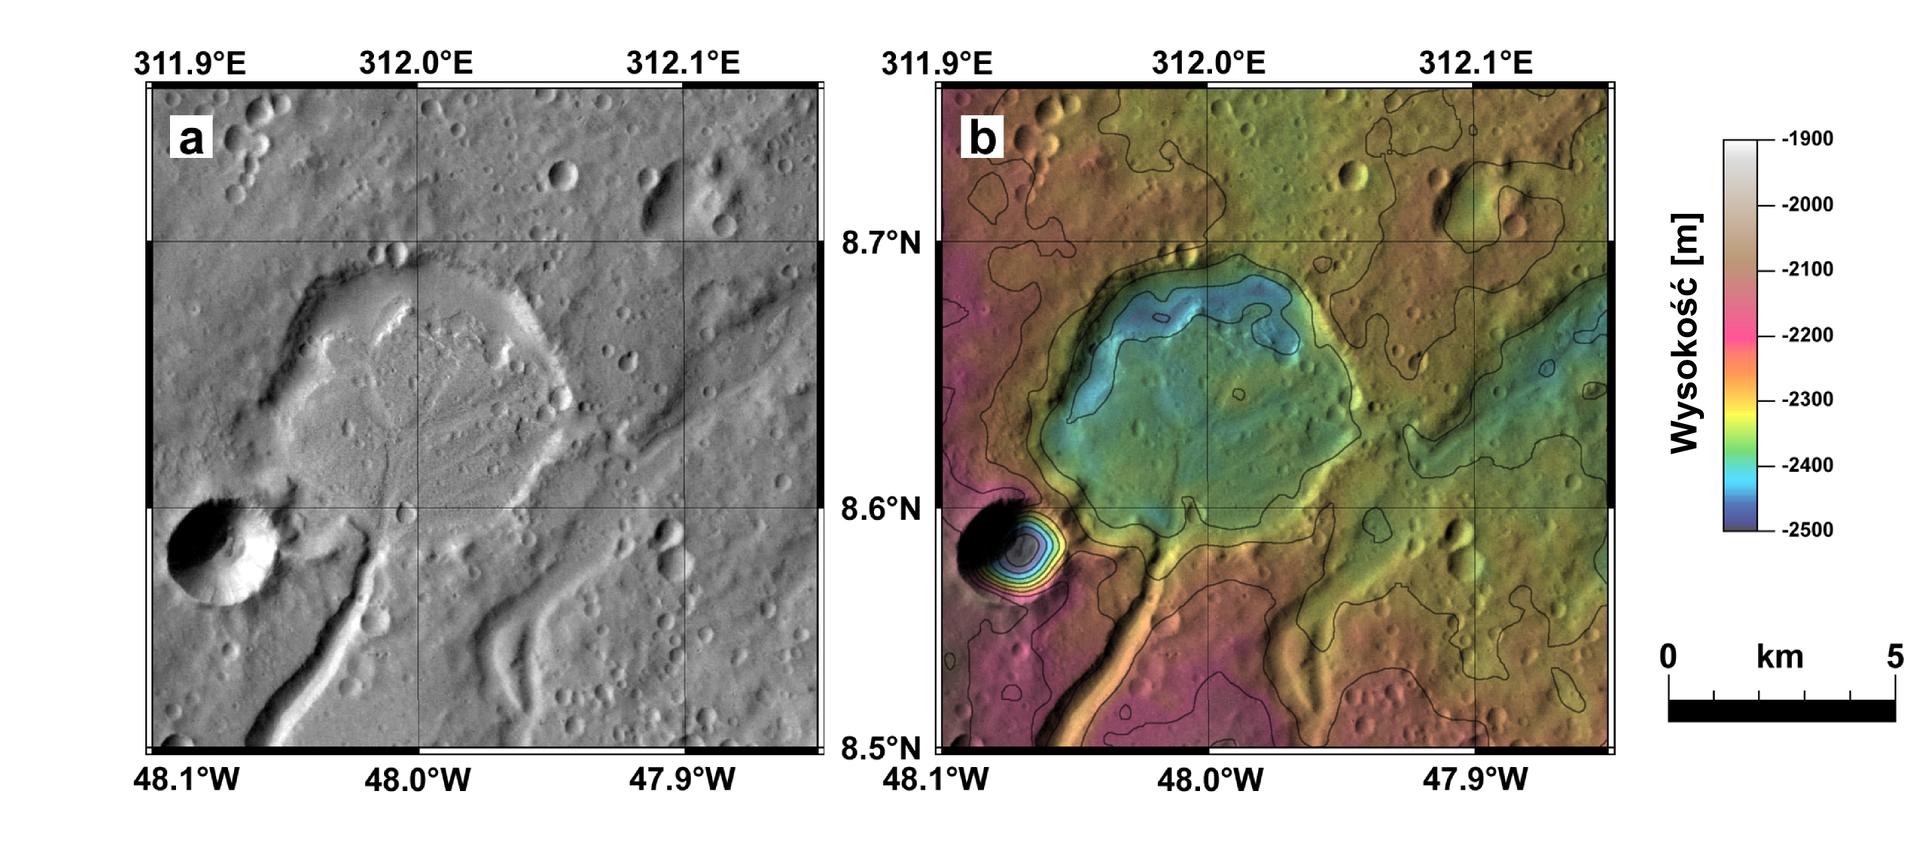 Dwa zdjęcia satelitarne tego samego terenu. Zlewej strony czarno-białe, zprawej kolorowe. Na zdjęciu okrągłe zagłębienie terenu zodnogą – doliną wkierunku południowym. Od ujścia doliny do zagłębienia wkierunku północnym widoczny stożek napływowy. Wstożku widoczne dolinki po ciekach rozchodzące się deltowato wstronę największego zagłębienia. Obok mapy kolorowej legenda zwyjaśnieniem kolorów użytych na mapie. Kolory obrazują wysokość wmetrach.